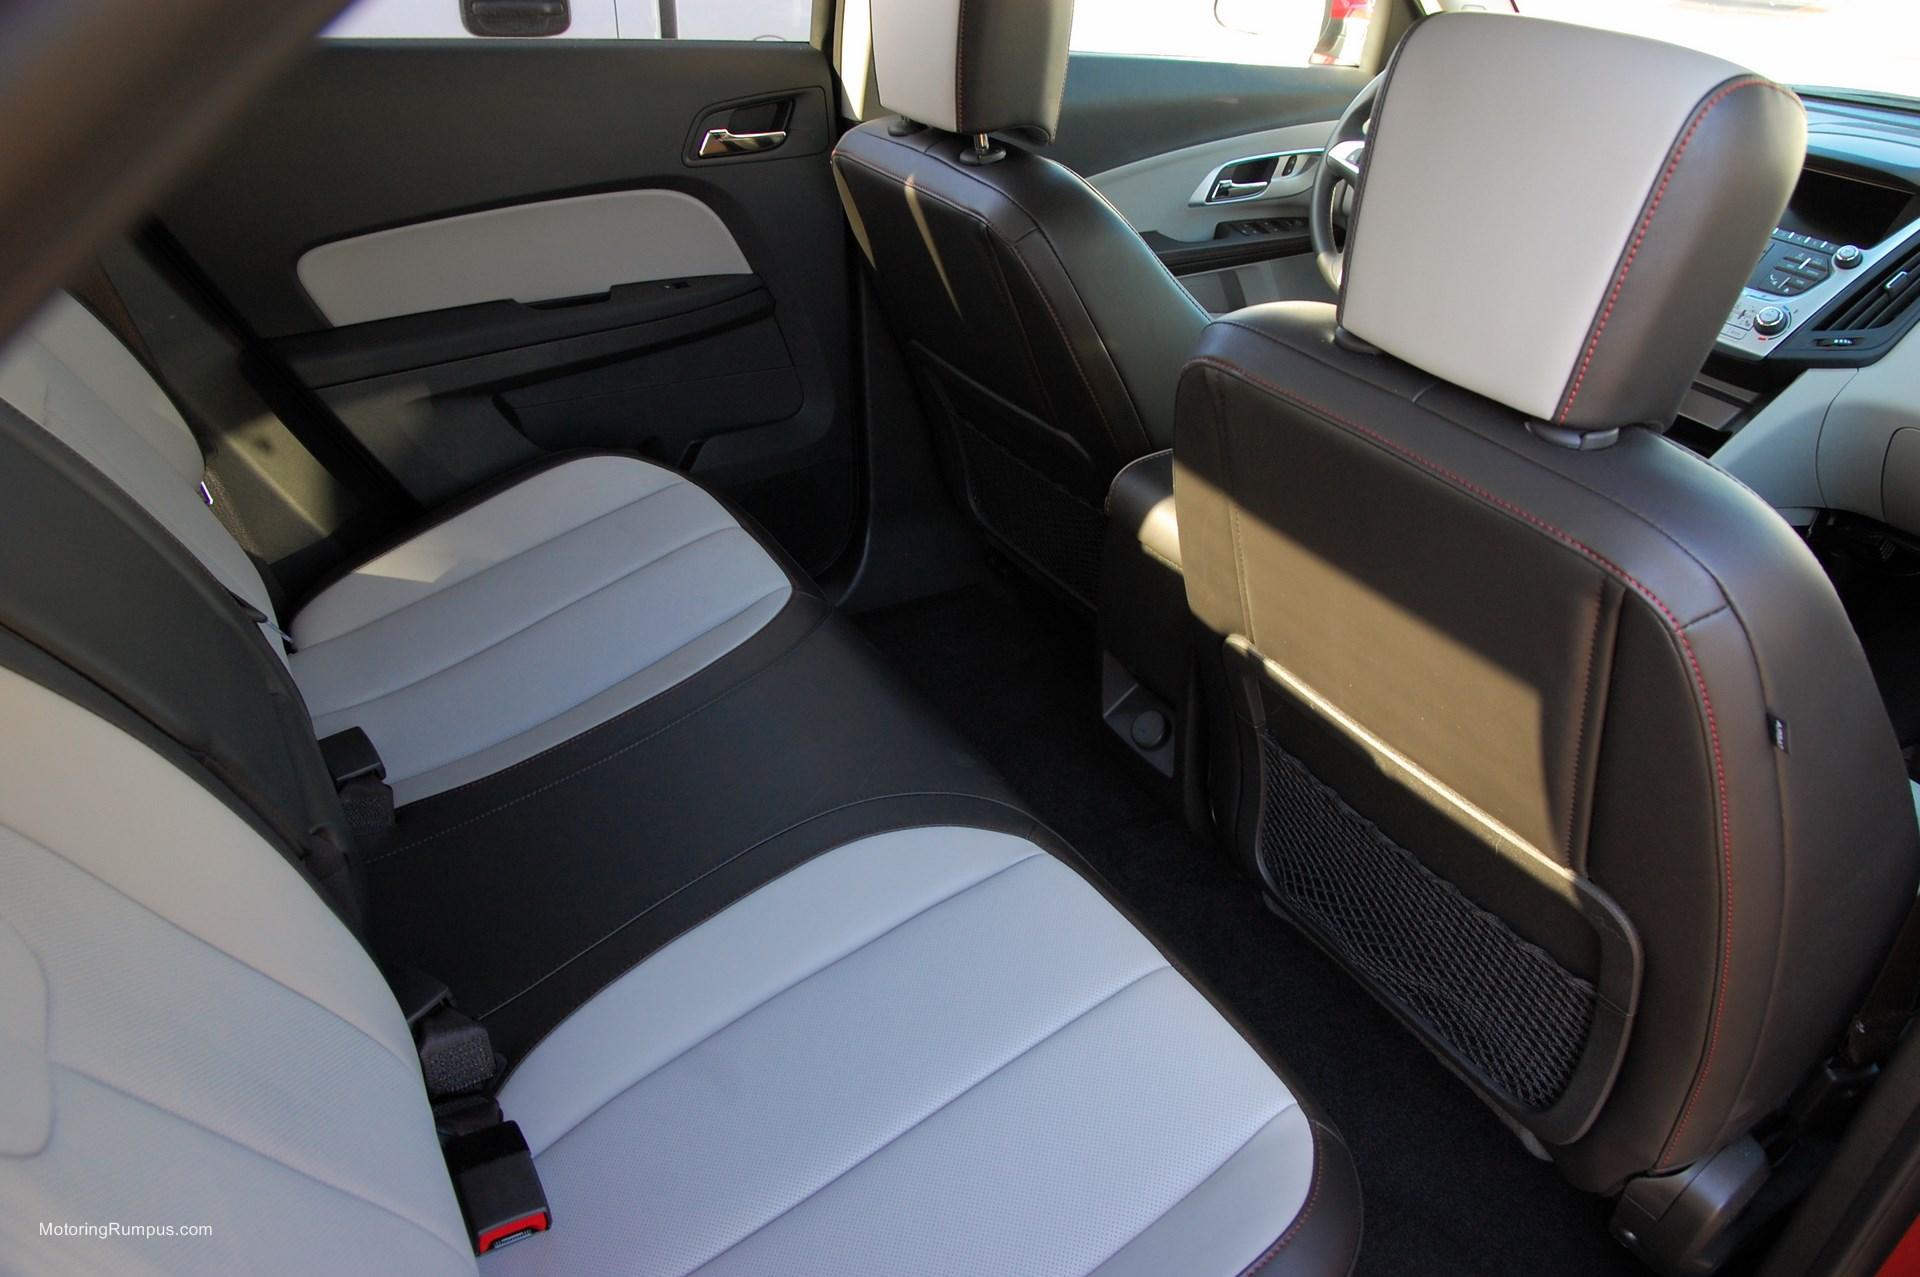 2014 Chevy Equinox Rear Seats